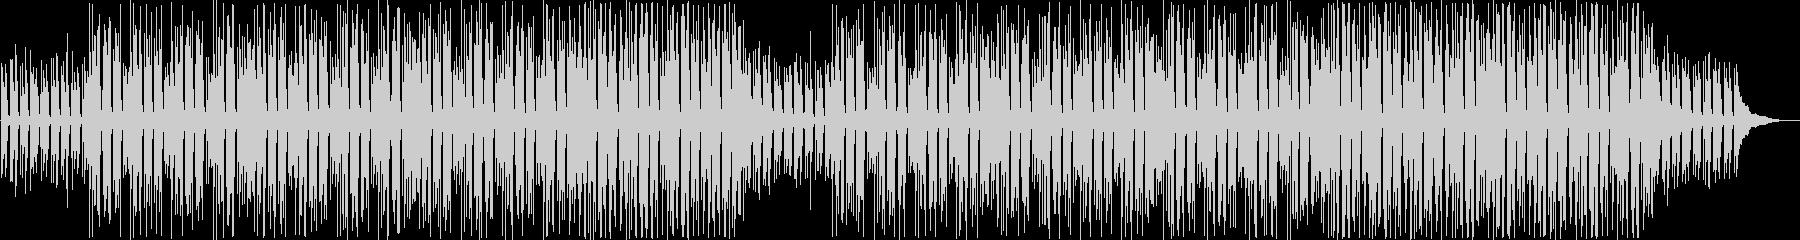 ほのぼのする日常的なアコースティックの未再生の波形